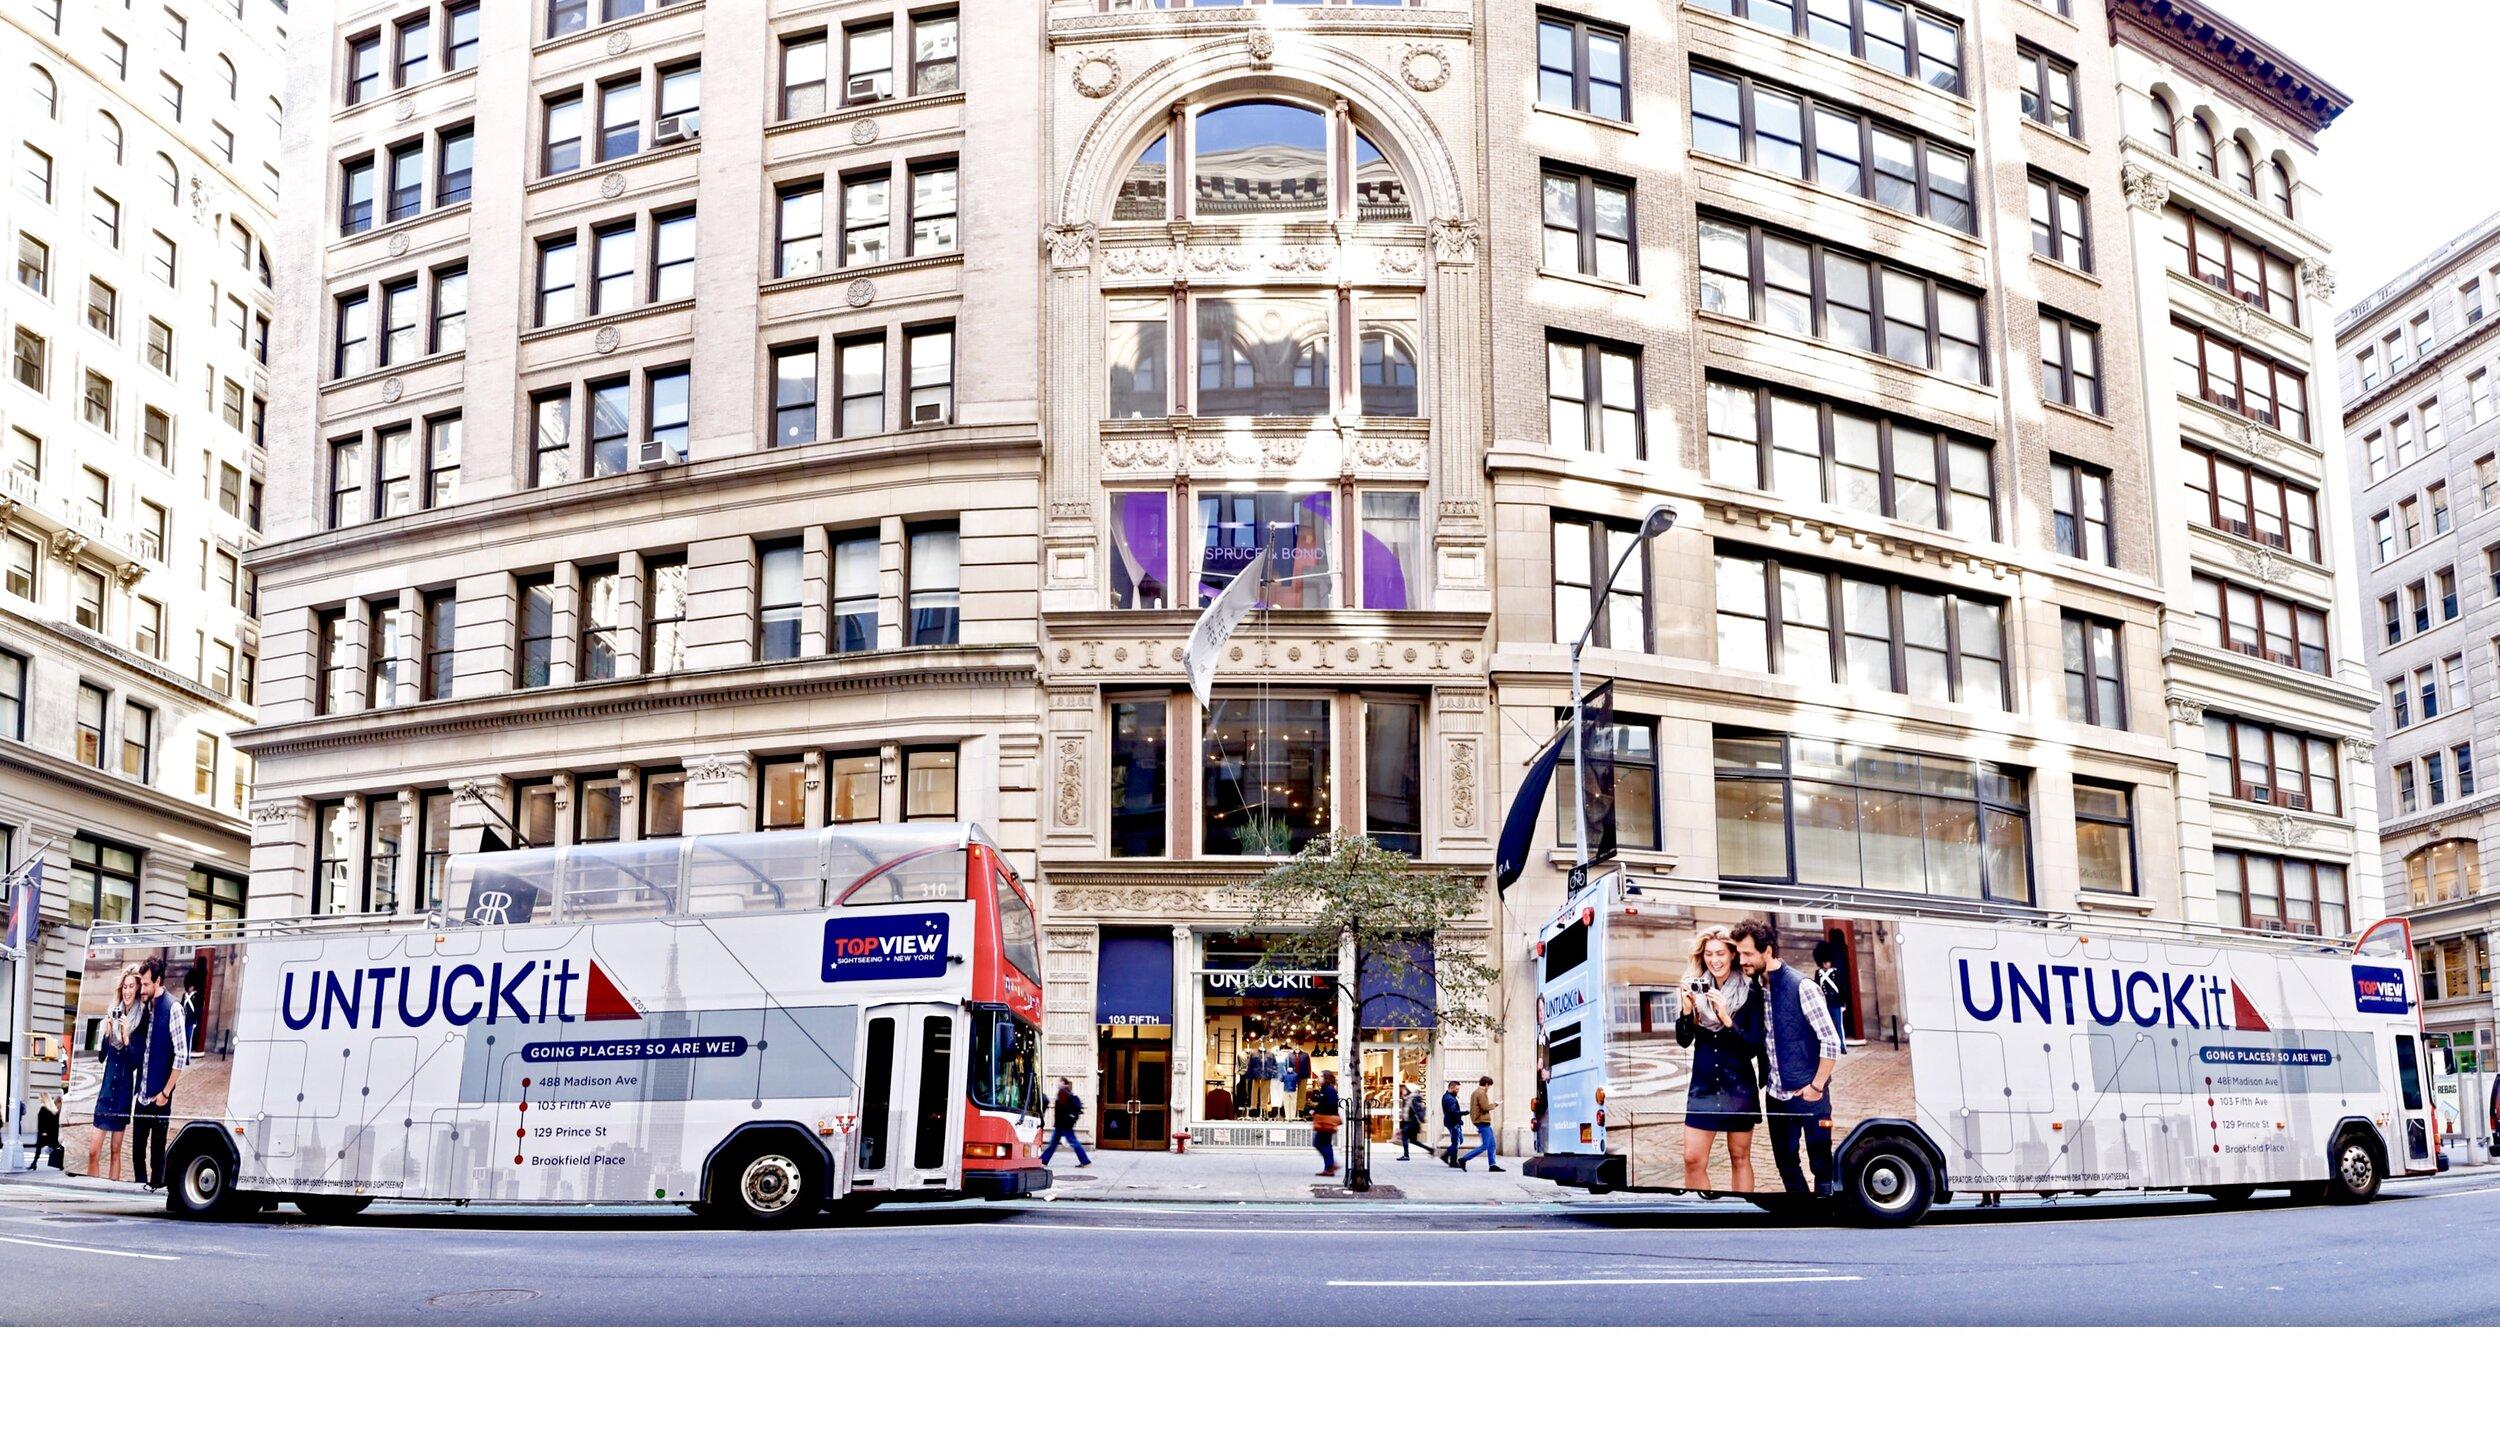 Bus Wrap Advertising - Start Ups